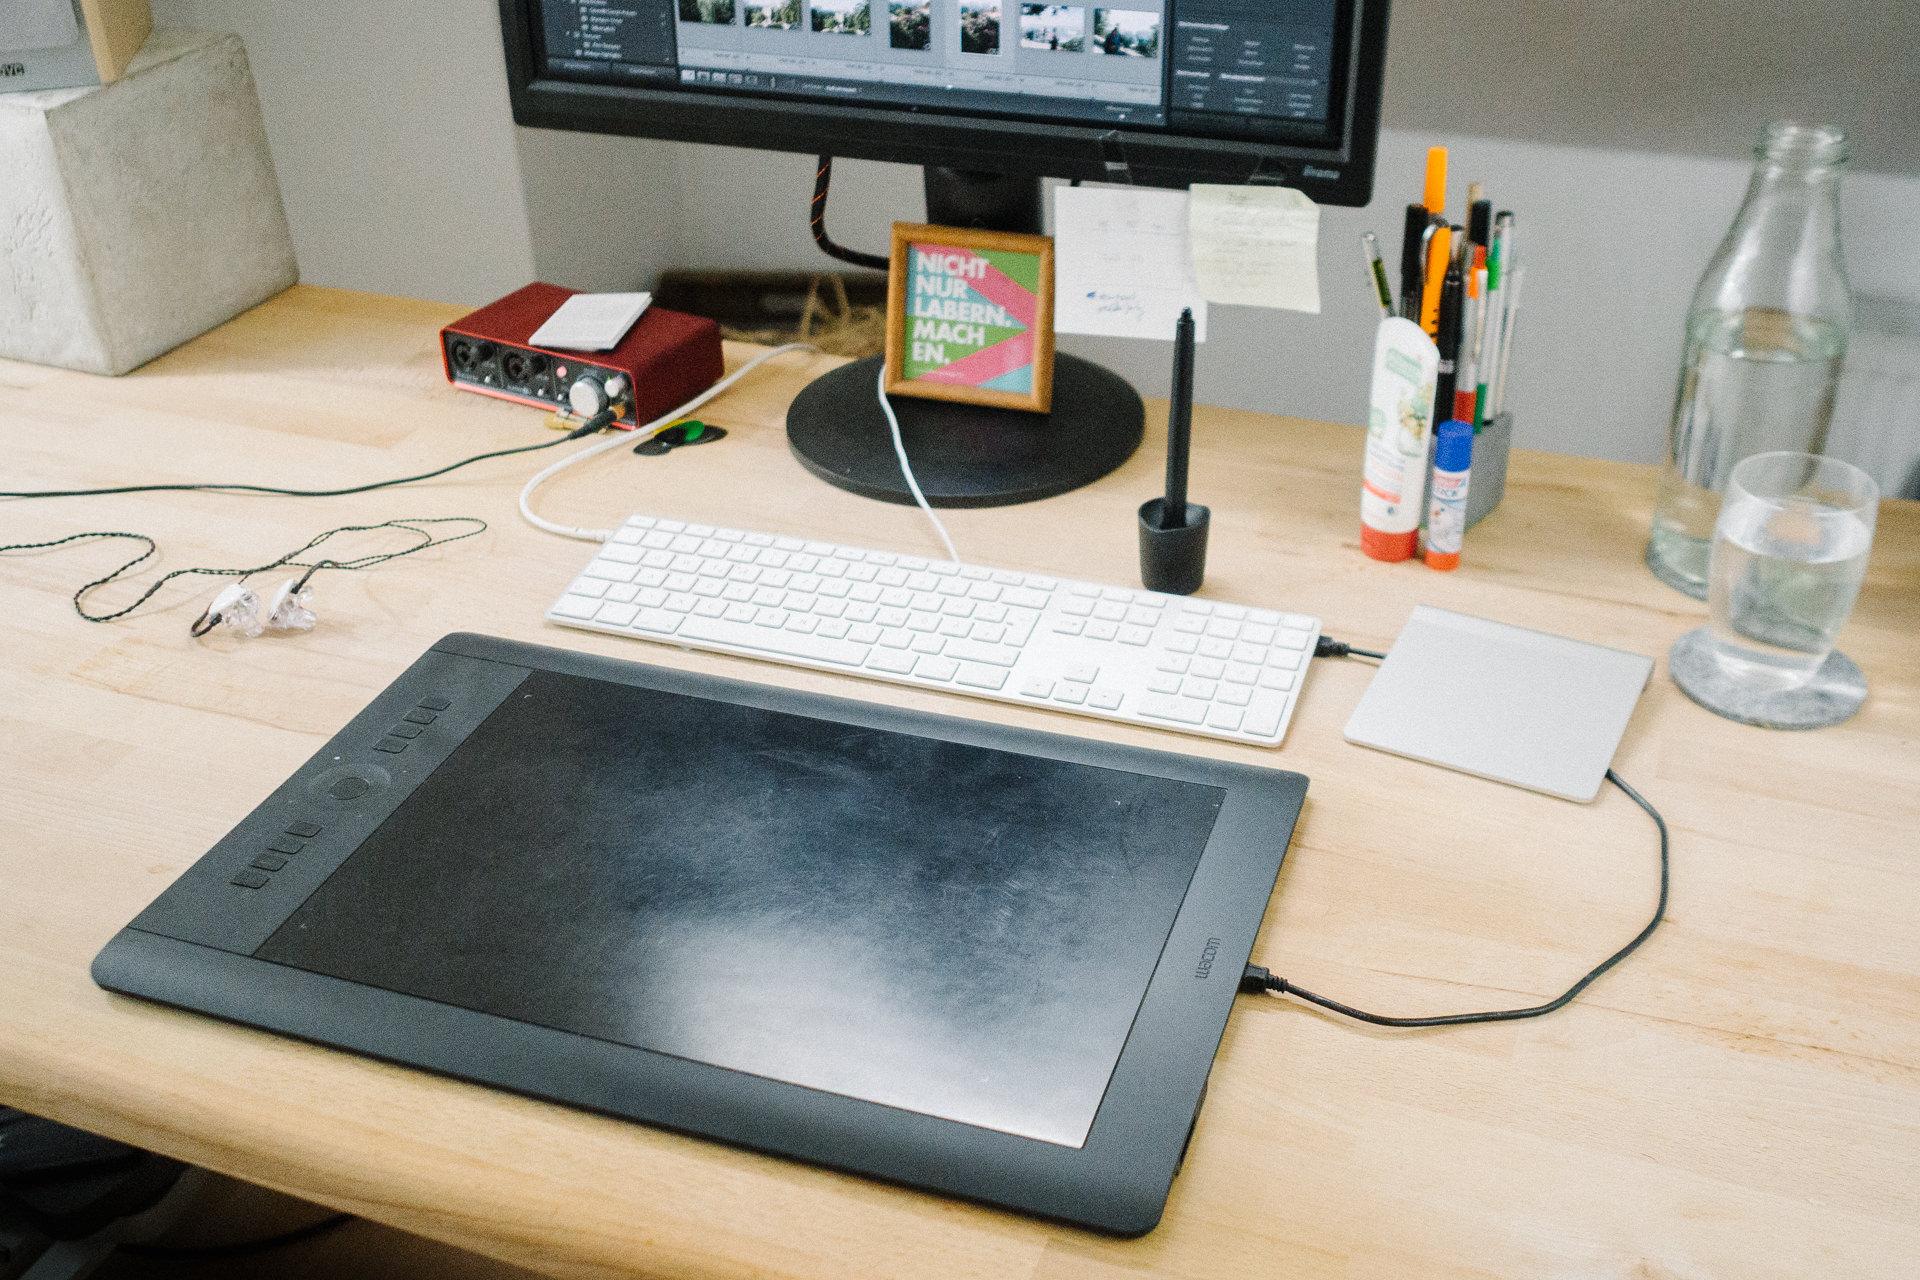 Bild eines Wacom Intuos Pro auf einem Schreibtisch